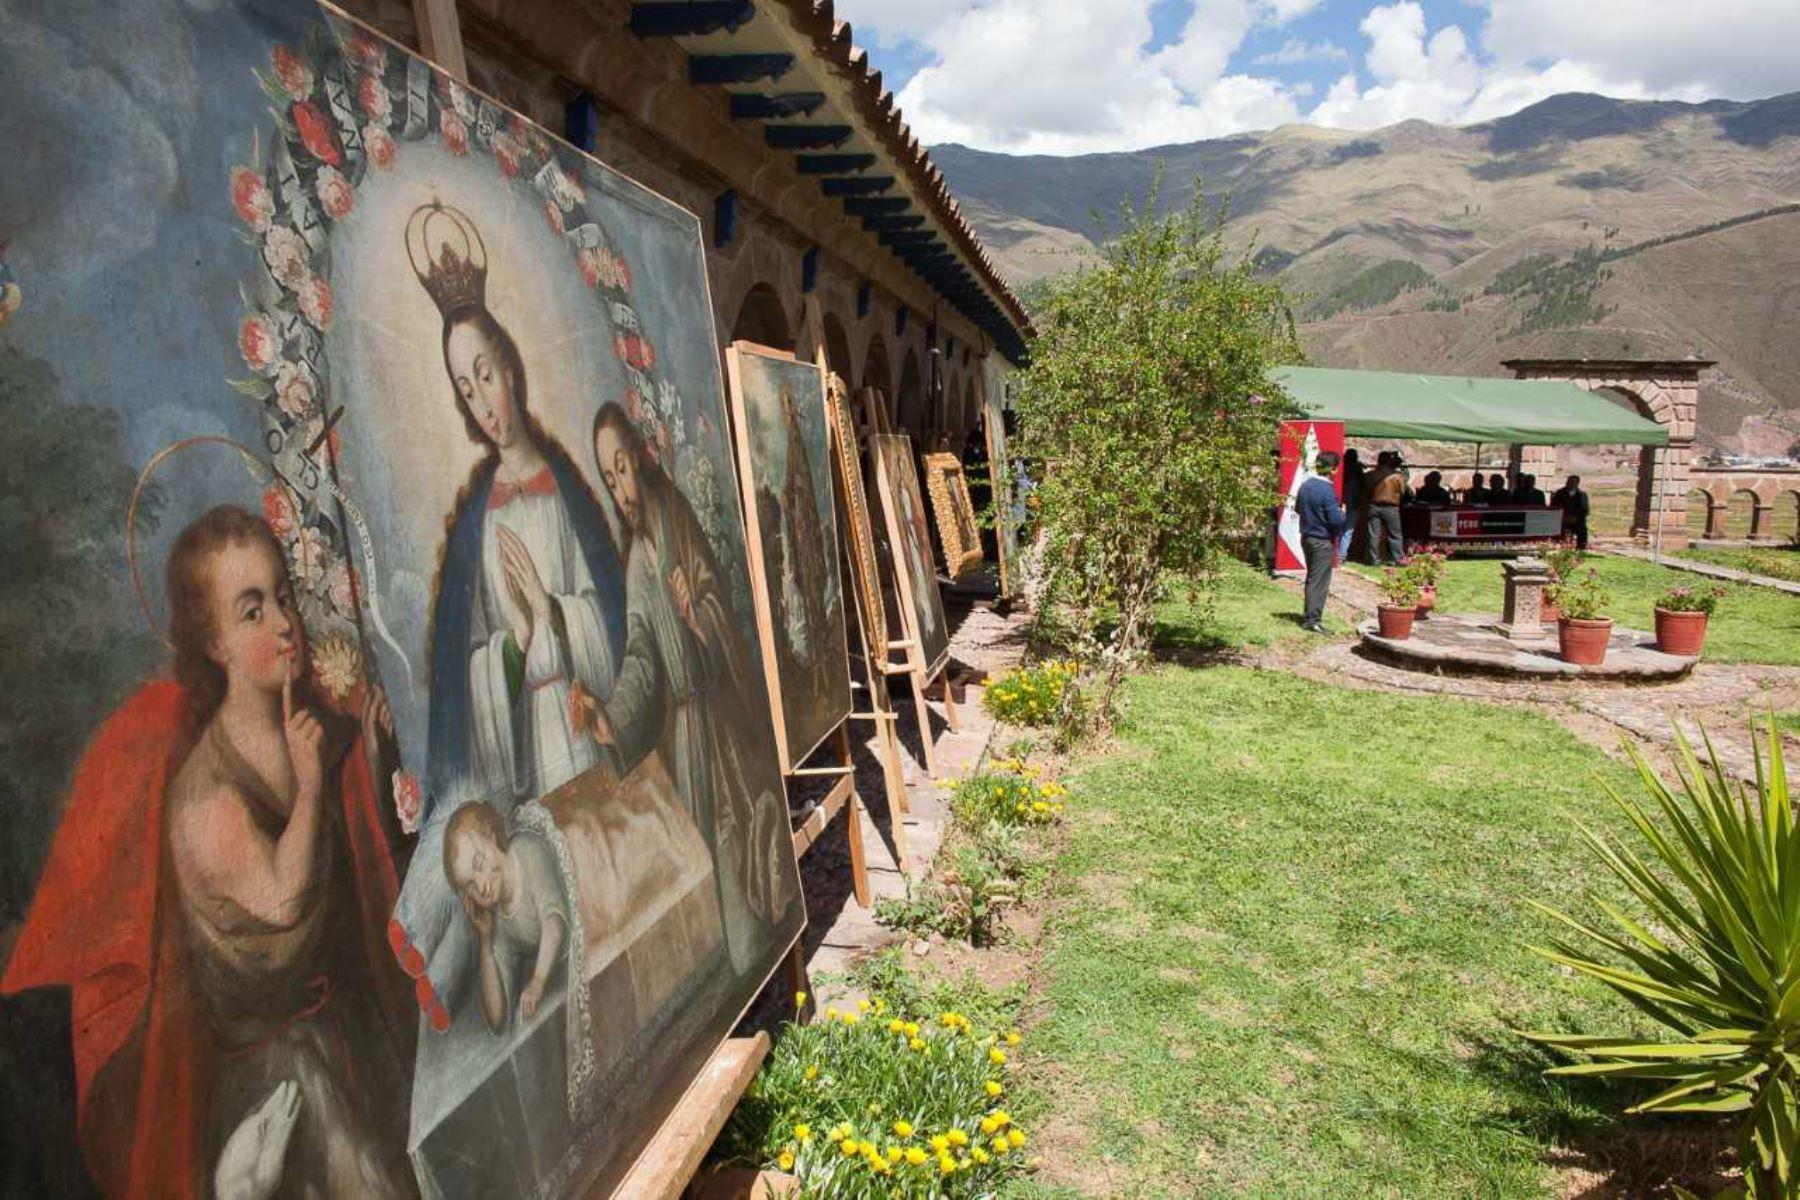 Un total de 74 obras de arte religioso y 110 cerámicas de la época inca fueron restauradas íntegramente por expertos y técnicos de la Dirección Desconcentrada de Cultura de Cusco en los talleres del Centro de Restauración de Tipón.